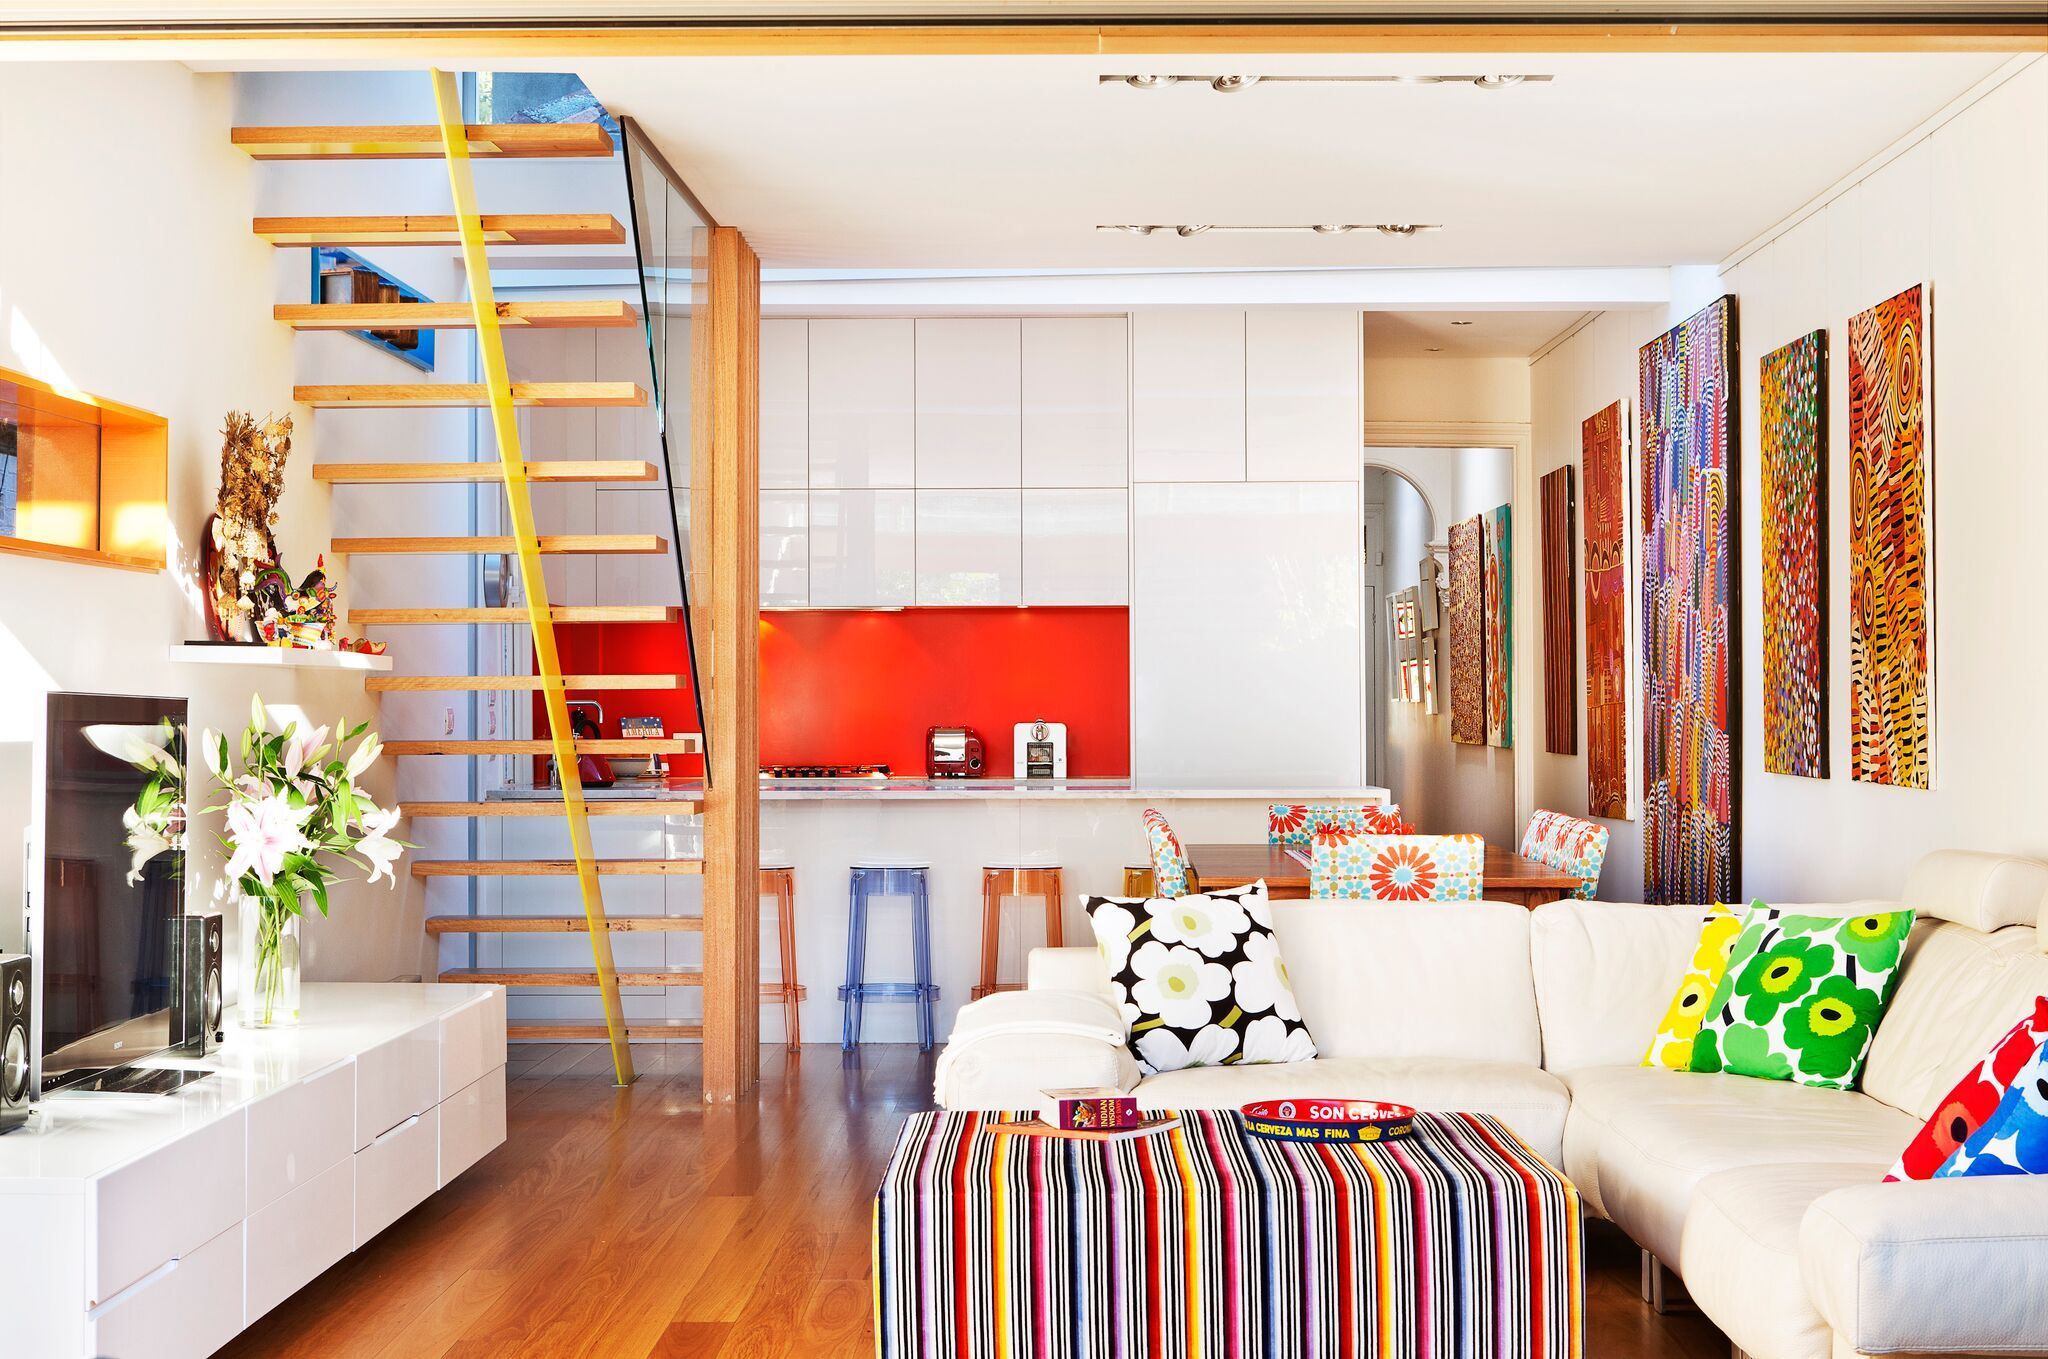 Pin von Rolf Ockert; Architect auf Leichhardt House, Sydney | Pinterest